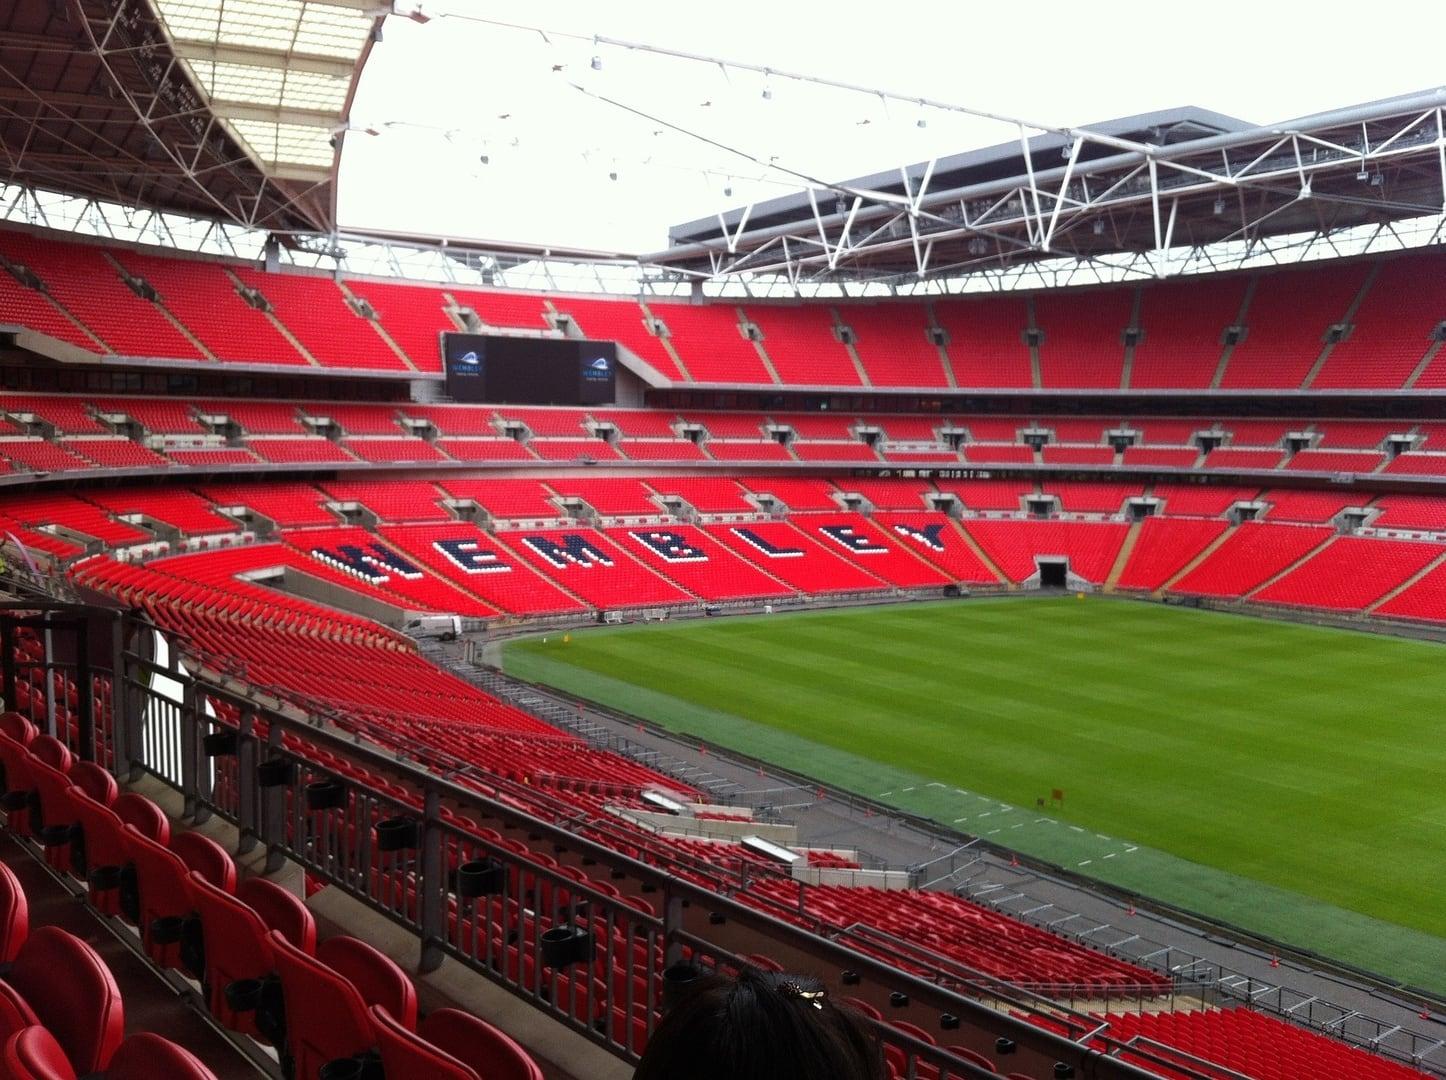 Wembley_rundtur_London_studierejser